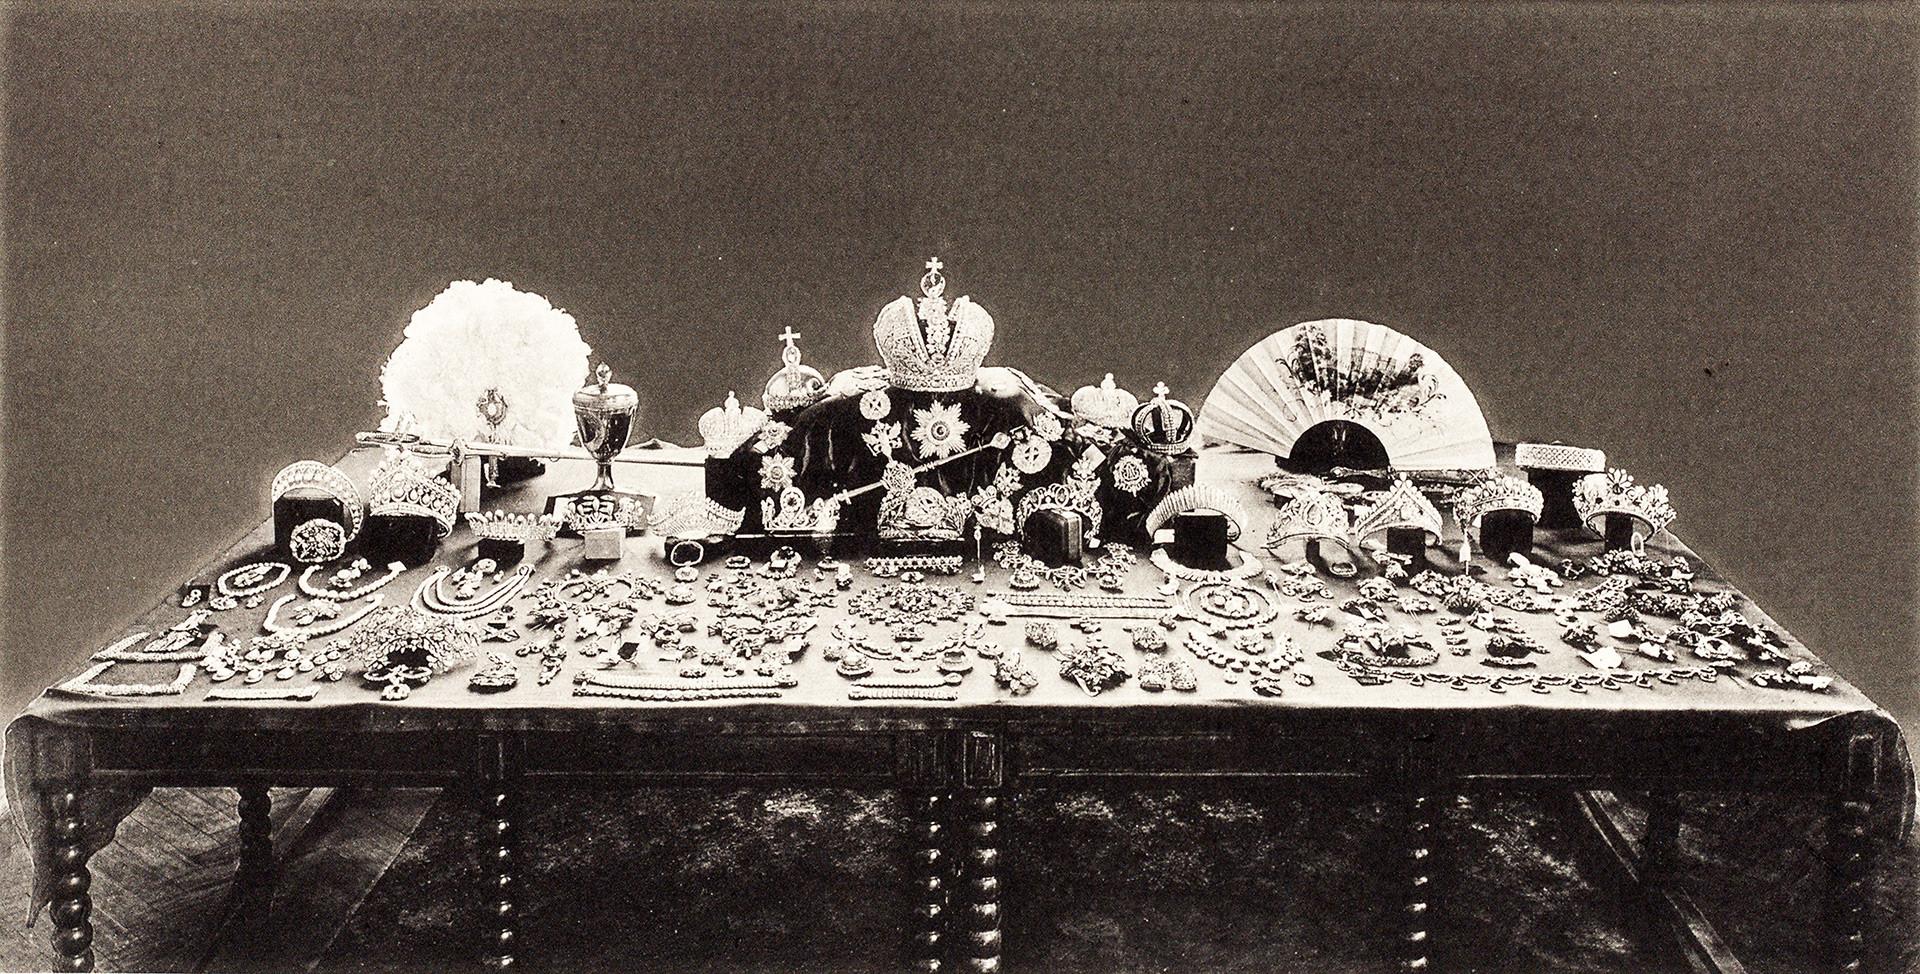 Trésors impériaux: ces joyaux de la couronne de Russie ayant été perdus, vendus ou mis sous clef